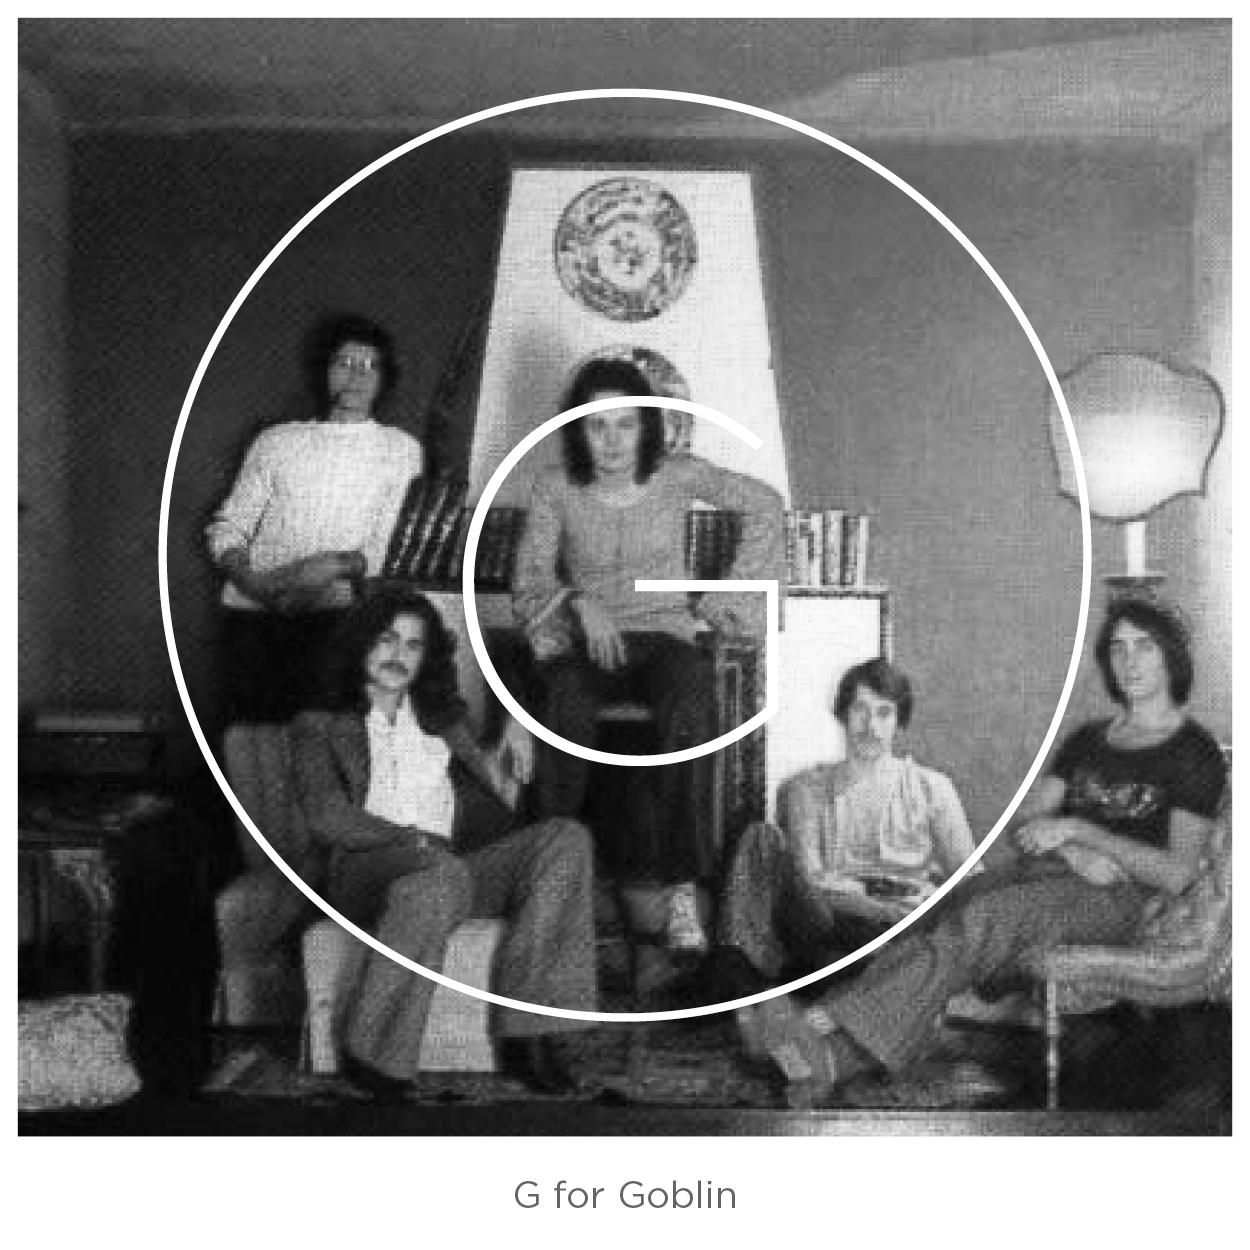 G for Goblin